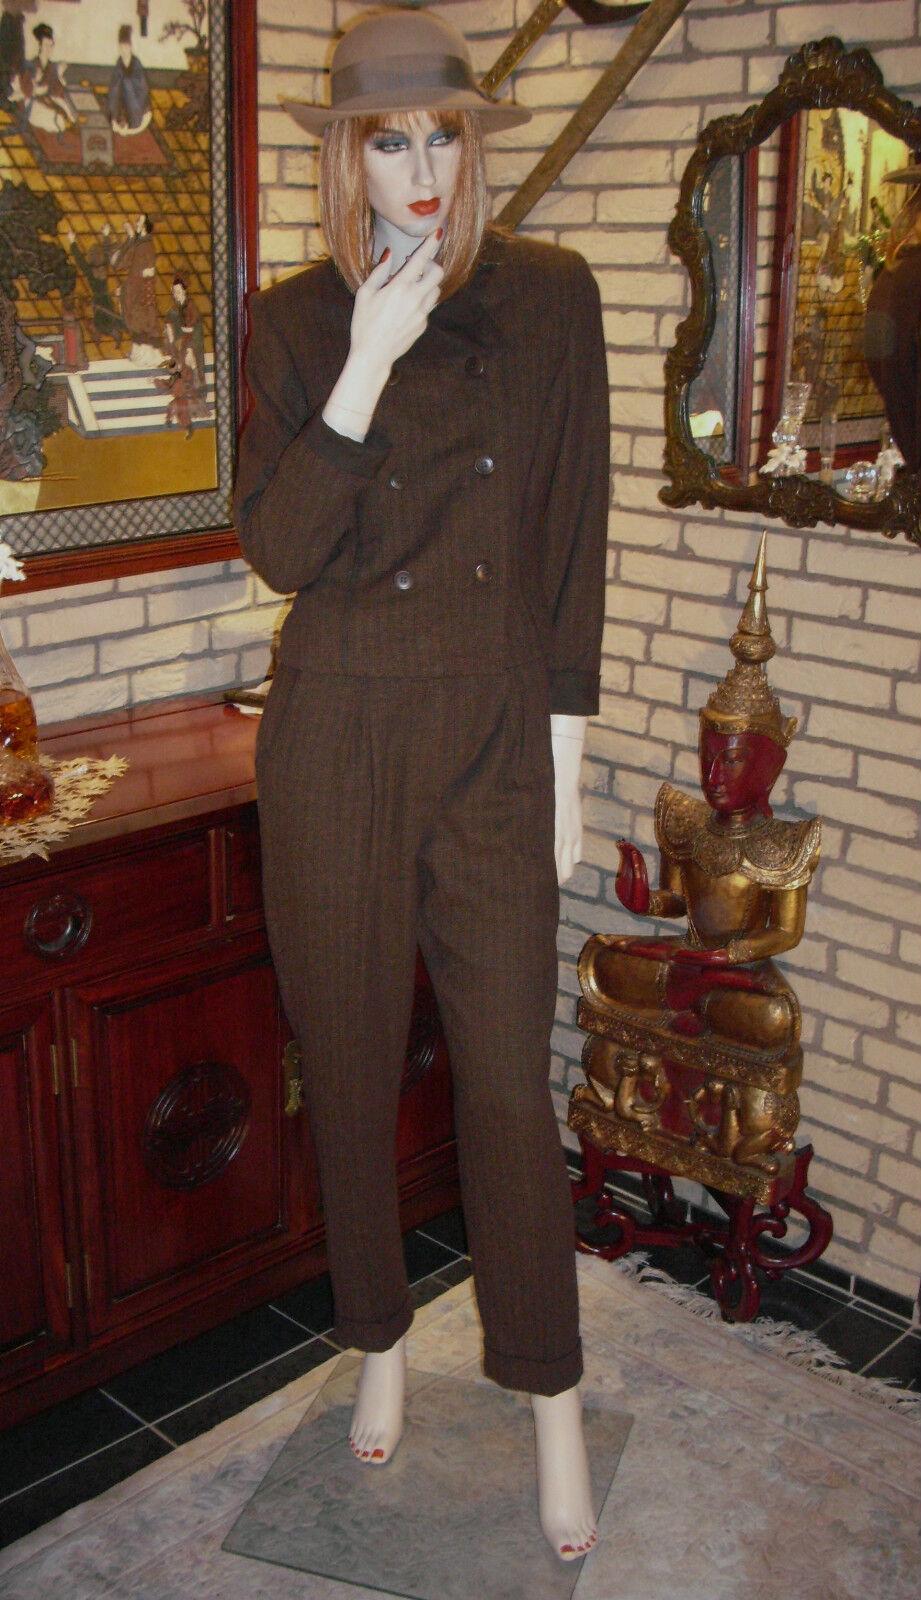 Pantaloni vestito tg. tg. tg. 36 Marronee mélange bianco 3 pezzi ALCANTARA Class elegante giacca pantaloni rock 106862